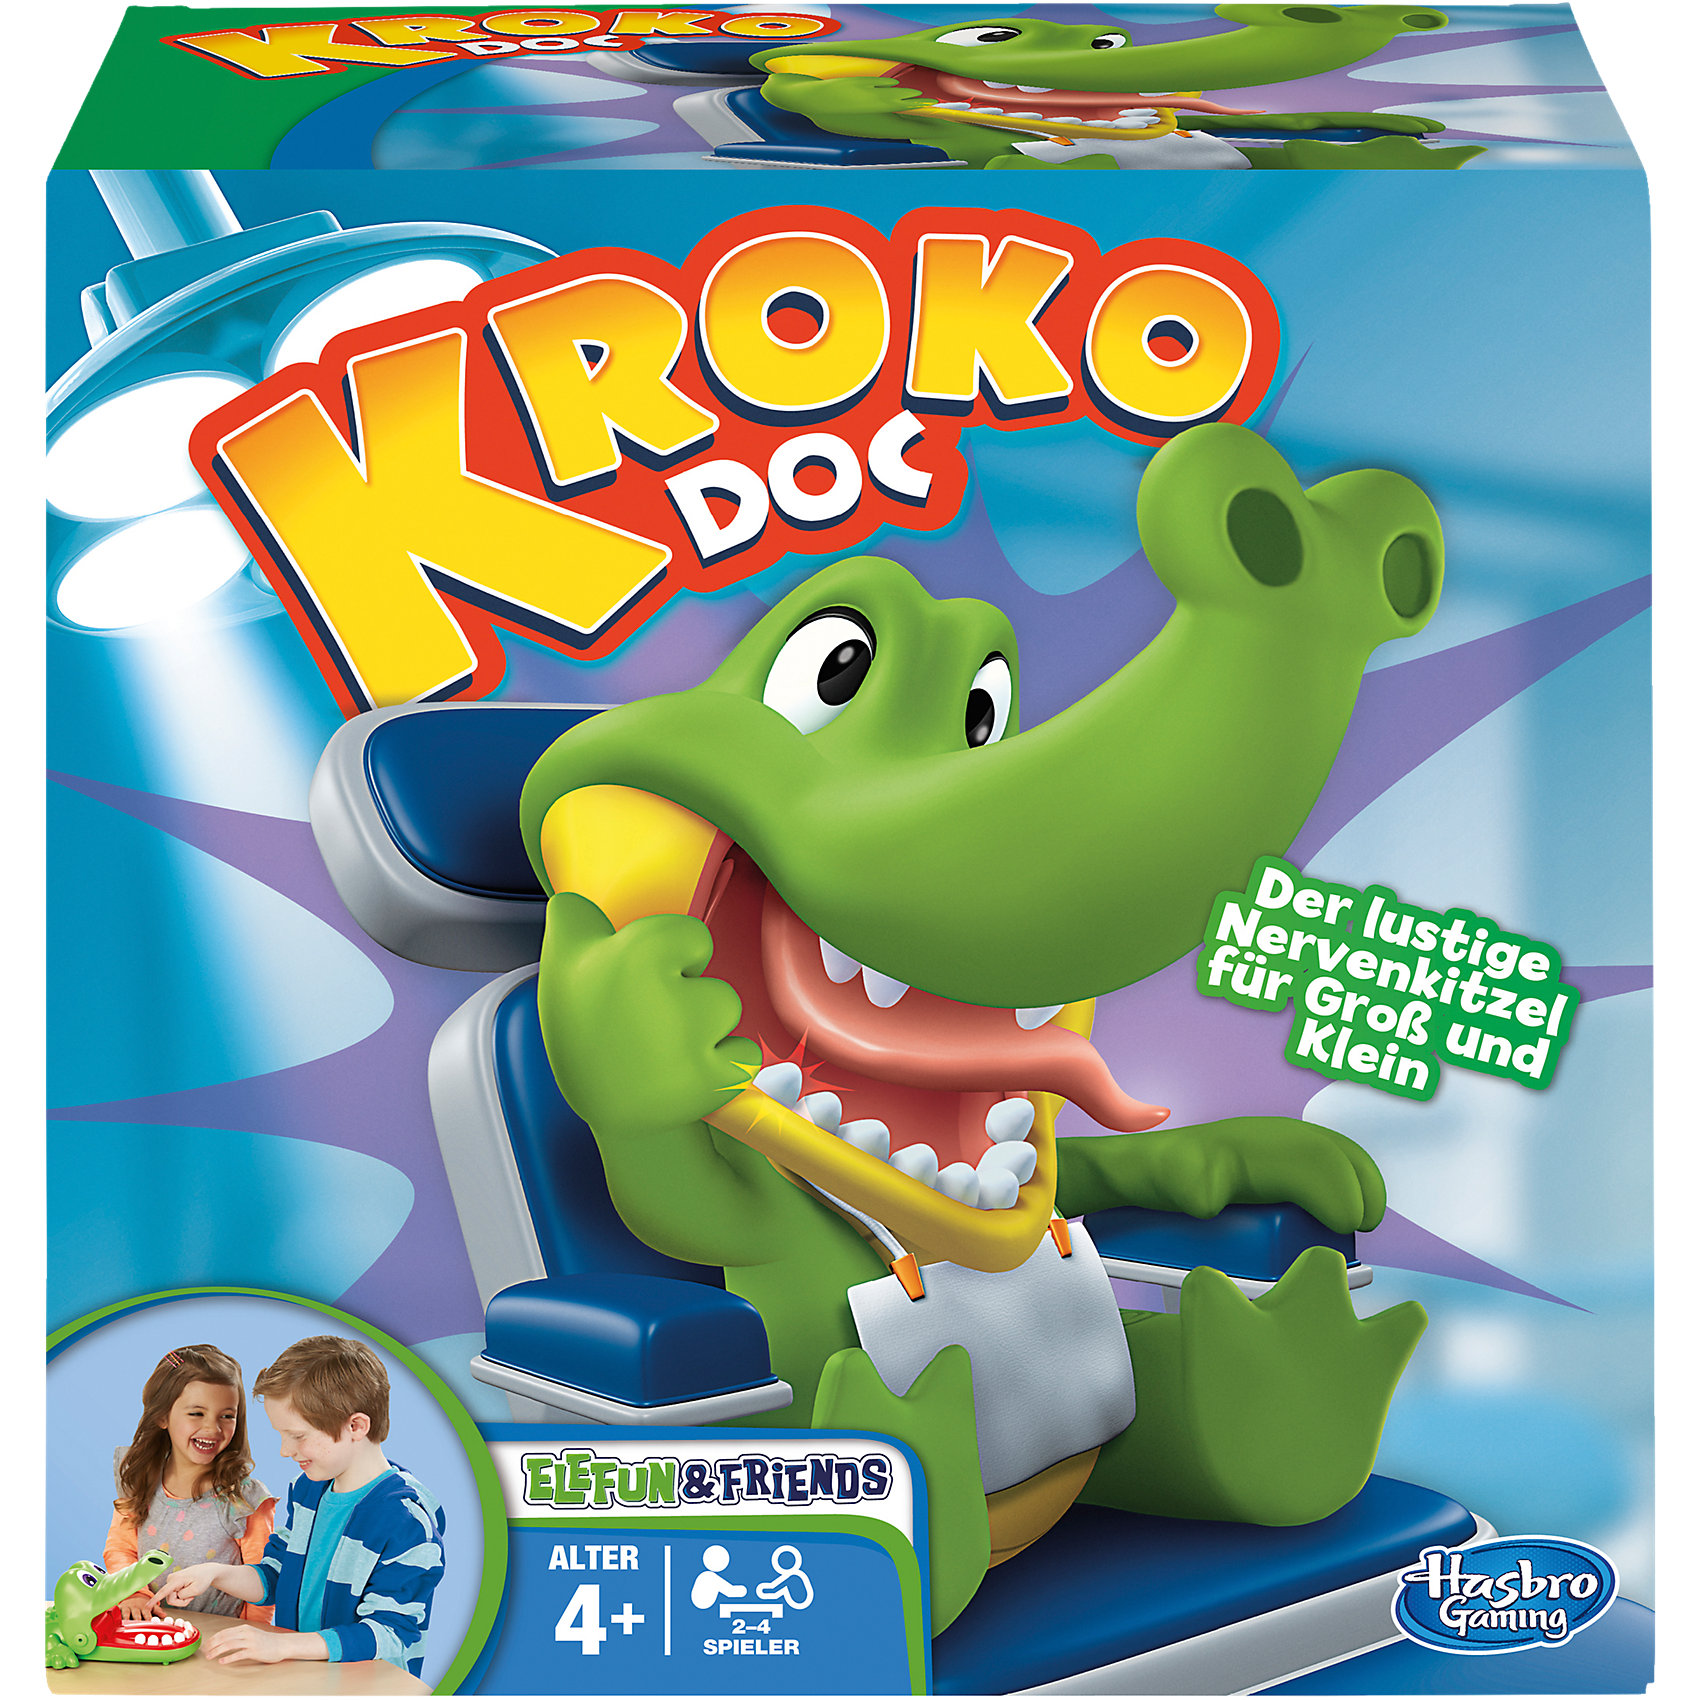 Крокодильчик Дантист, HasbroИгры для развлечений<br>Крокодильчик Дантист, Hasbro - веселая настольная игра, в которую можно играть всей семьей или компанией друзей. Цель игры - найти больной зуб у забавного крокодильчика. В игре могут участвовать от двух до четырех игроков. Участники по очереди нажимают на зубы крокодильчика, стараясь не попасть на больной зуб. Стоит только надавить на больной зуб как крокодильчик сразу захлопнет рот, что будет означать проигрыш. Победителем становится игрок, не задевший больной зуб и оставшийся в игре. Игра способствует развитию внимания, реакции и ловкости.<br><br>Дополнительная информация:<br><br>- В комплекте: крокодильчик, правила игры.<br>- Материал: пластик.<br>- Размер упаковки: 26,7 х 26,7 х 8,1 см.<br>- Вес: 0,848 кг.<br><br>Игру Крокодильчик Дантист, Hasbro, можно купить в нашем интернет-магазине.<br><br>Ширина мм: 272<br>Глубина мм: 266<br>Высота мм: 147<br>Вес г: 720<br>Возраст от месяцев: 48<br>Возраст до месяцев: 72<br>Пол: Унисекс<br>Возраст: Детский<br>SKU: 3824997